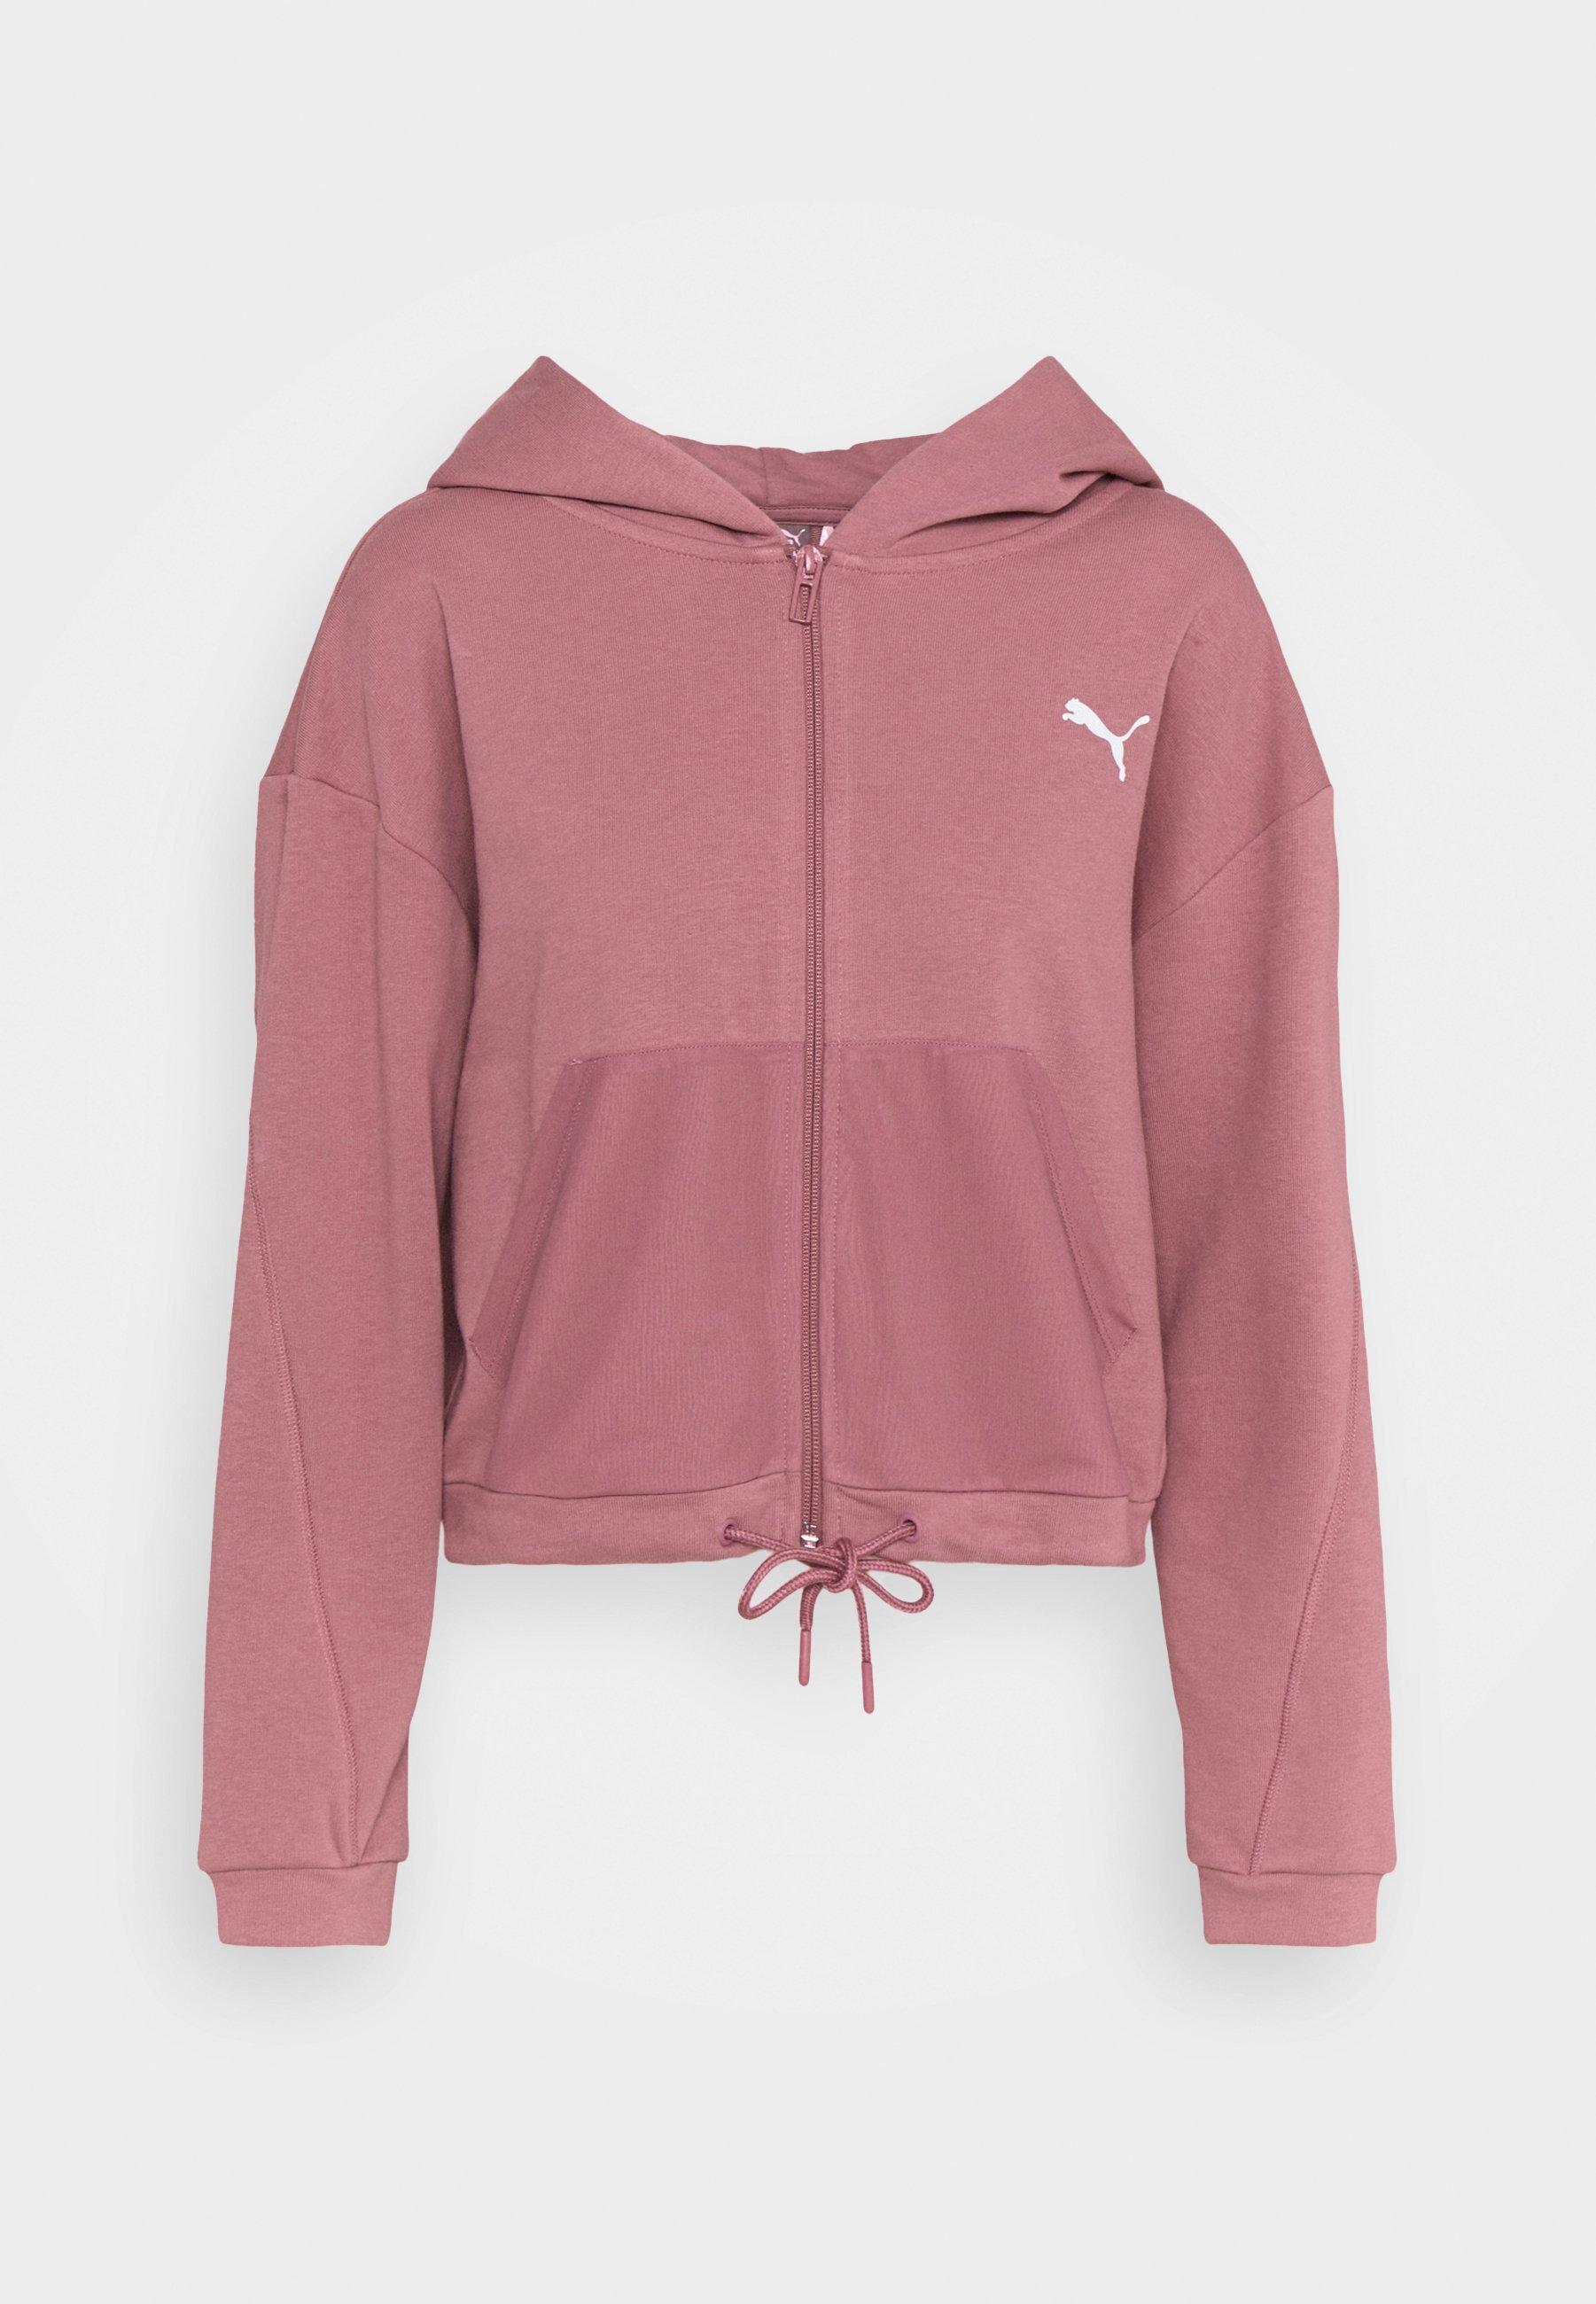 Women PAMELA REIF X PUMA COLLECTION FULL ZIP HOODIE - Zip-up sweatshirt